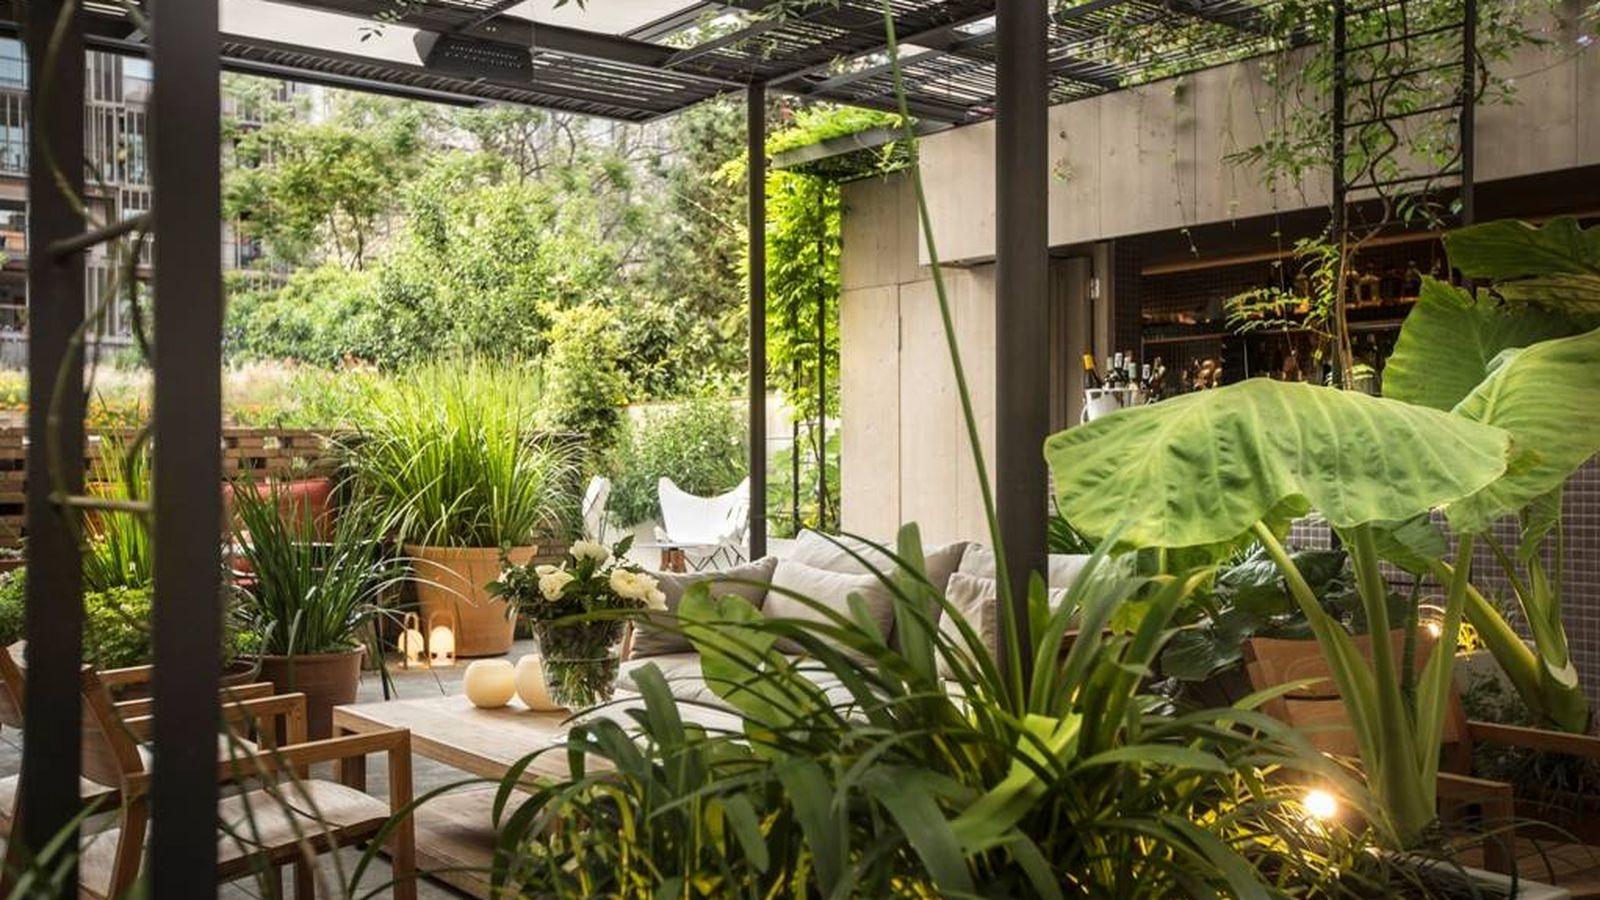 Foto: El Patio, en el restaurante Solomillo, un lugar secreto en Barcelona.